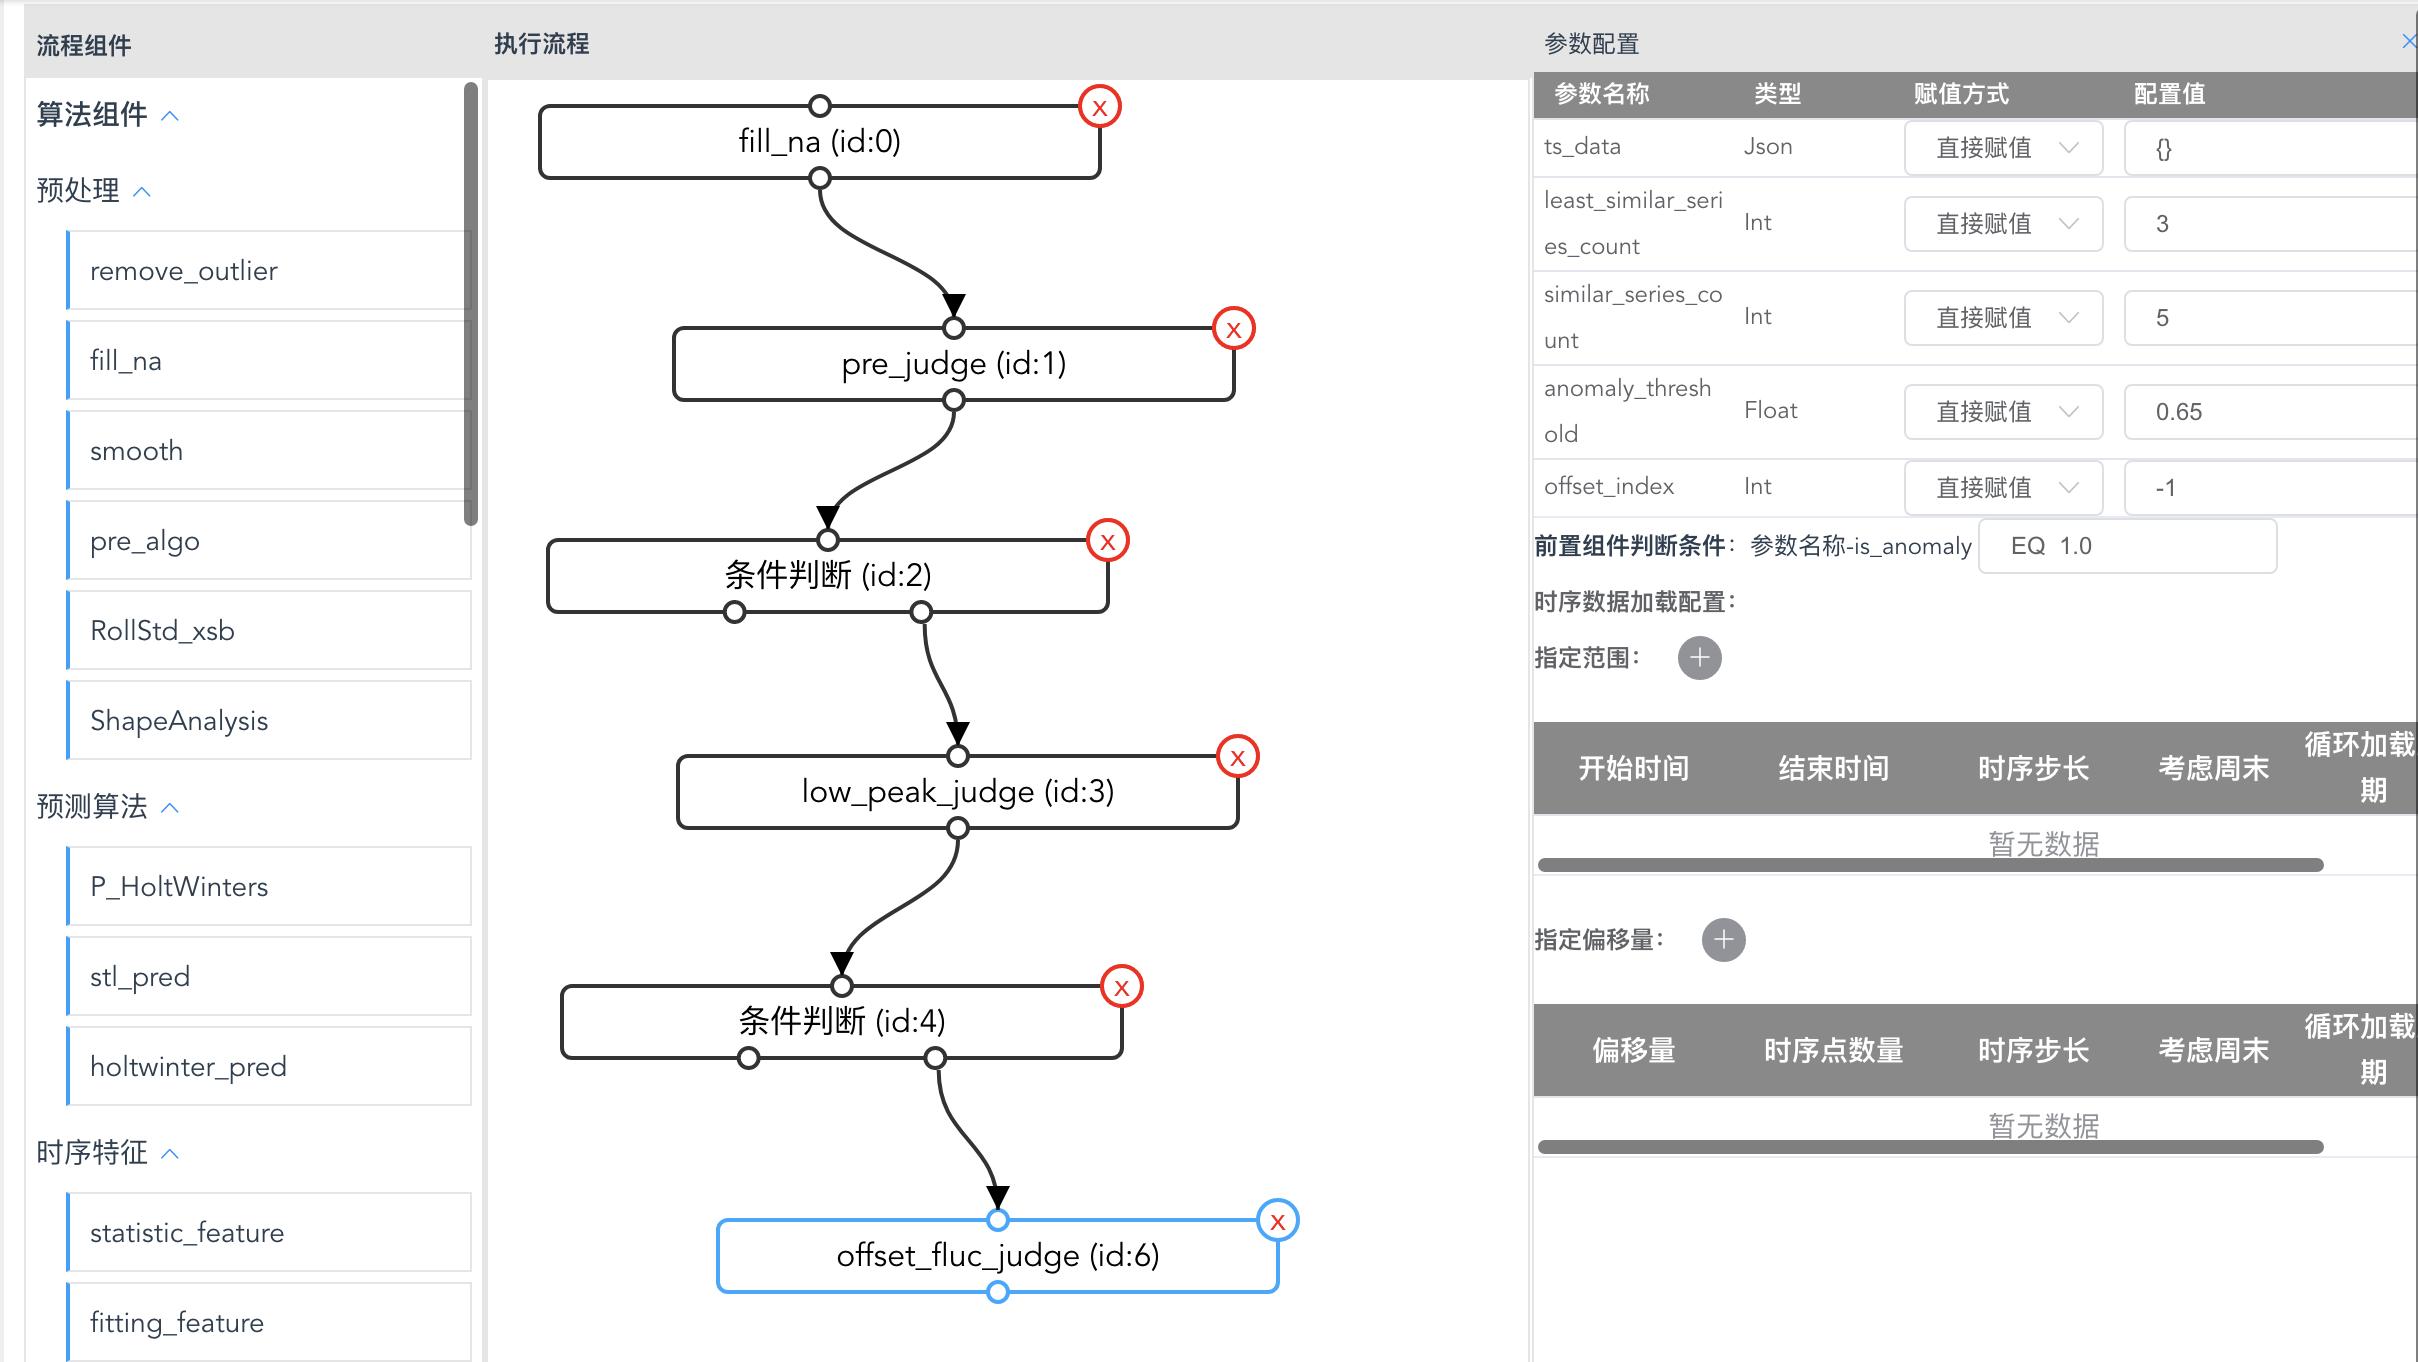 图18 流程编排示意图